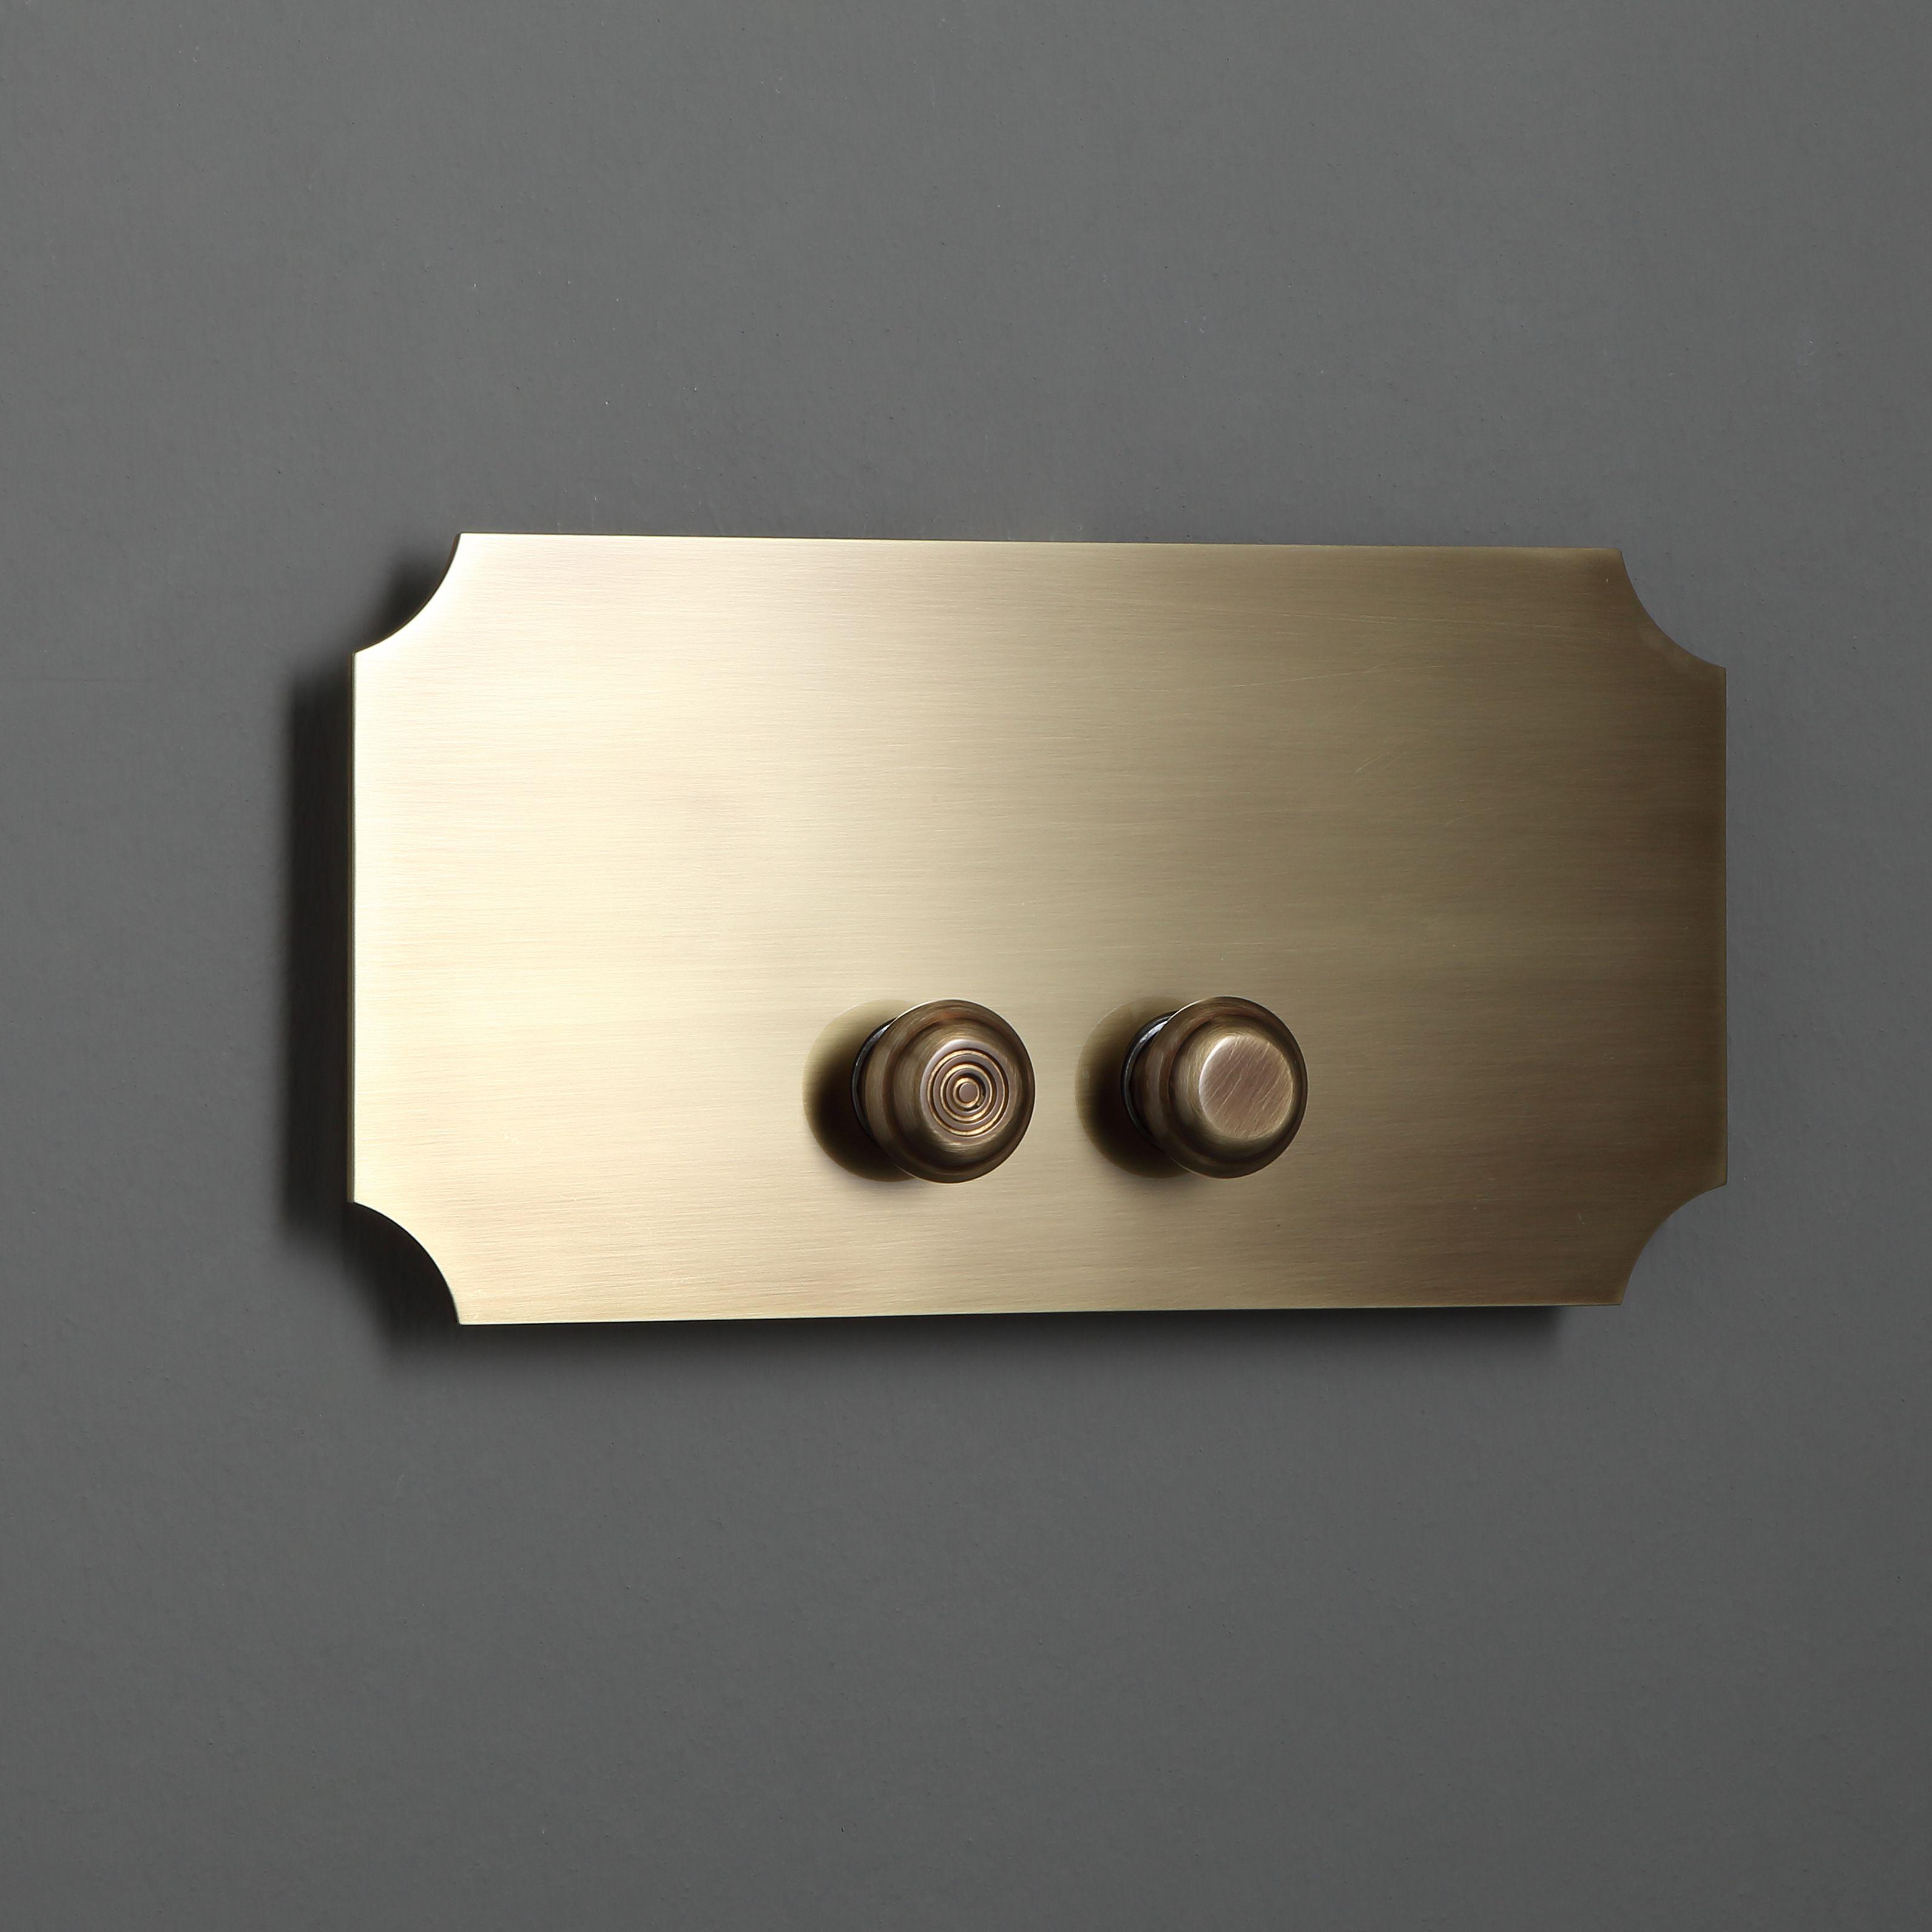 plaque patible Geberit pour wc by Bleu Provence